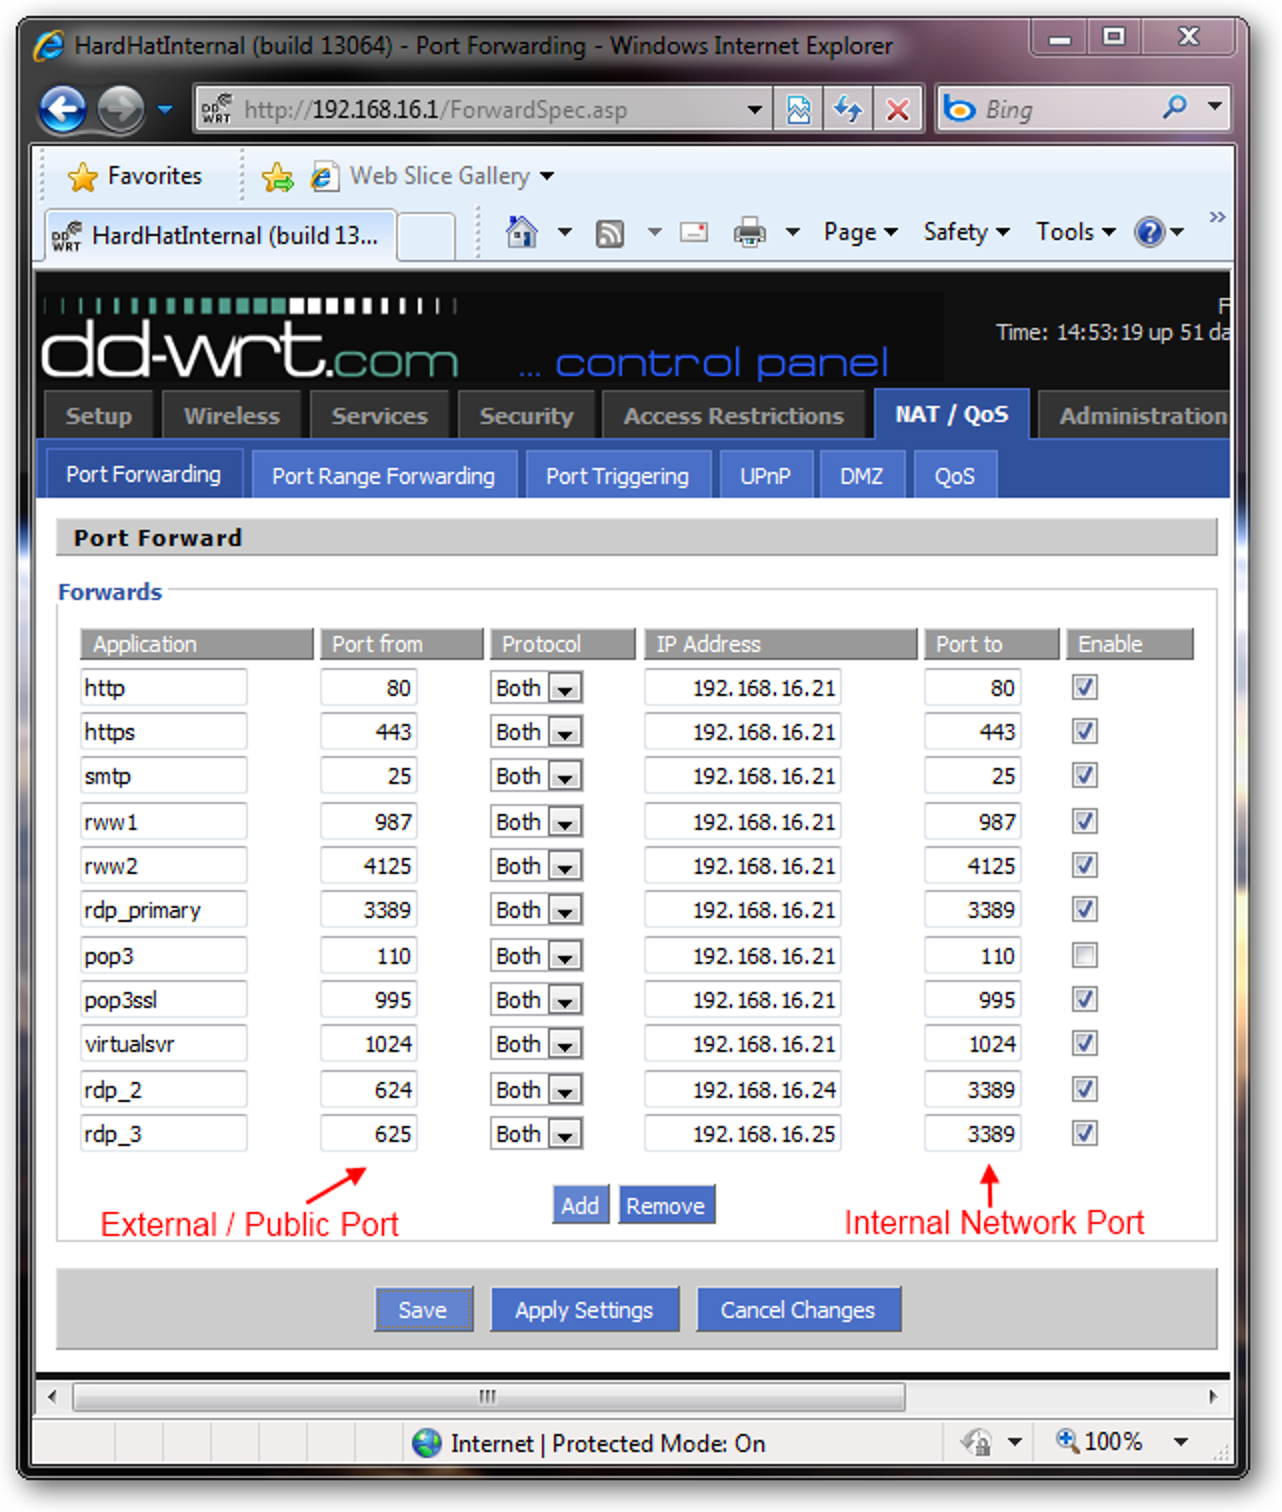 So führen Sie mehrere Terminalserver auf einer einzigen IP-Adresse aus